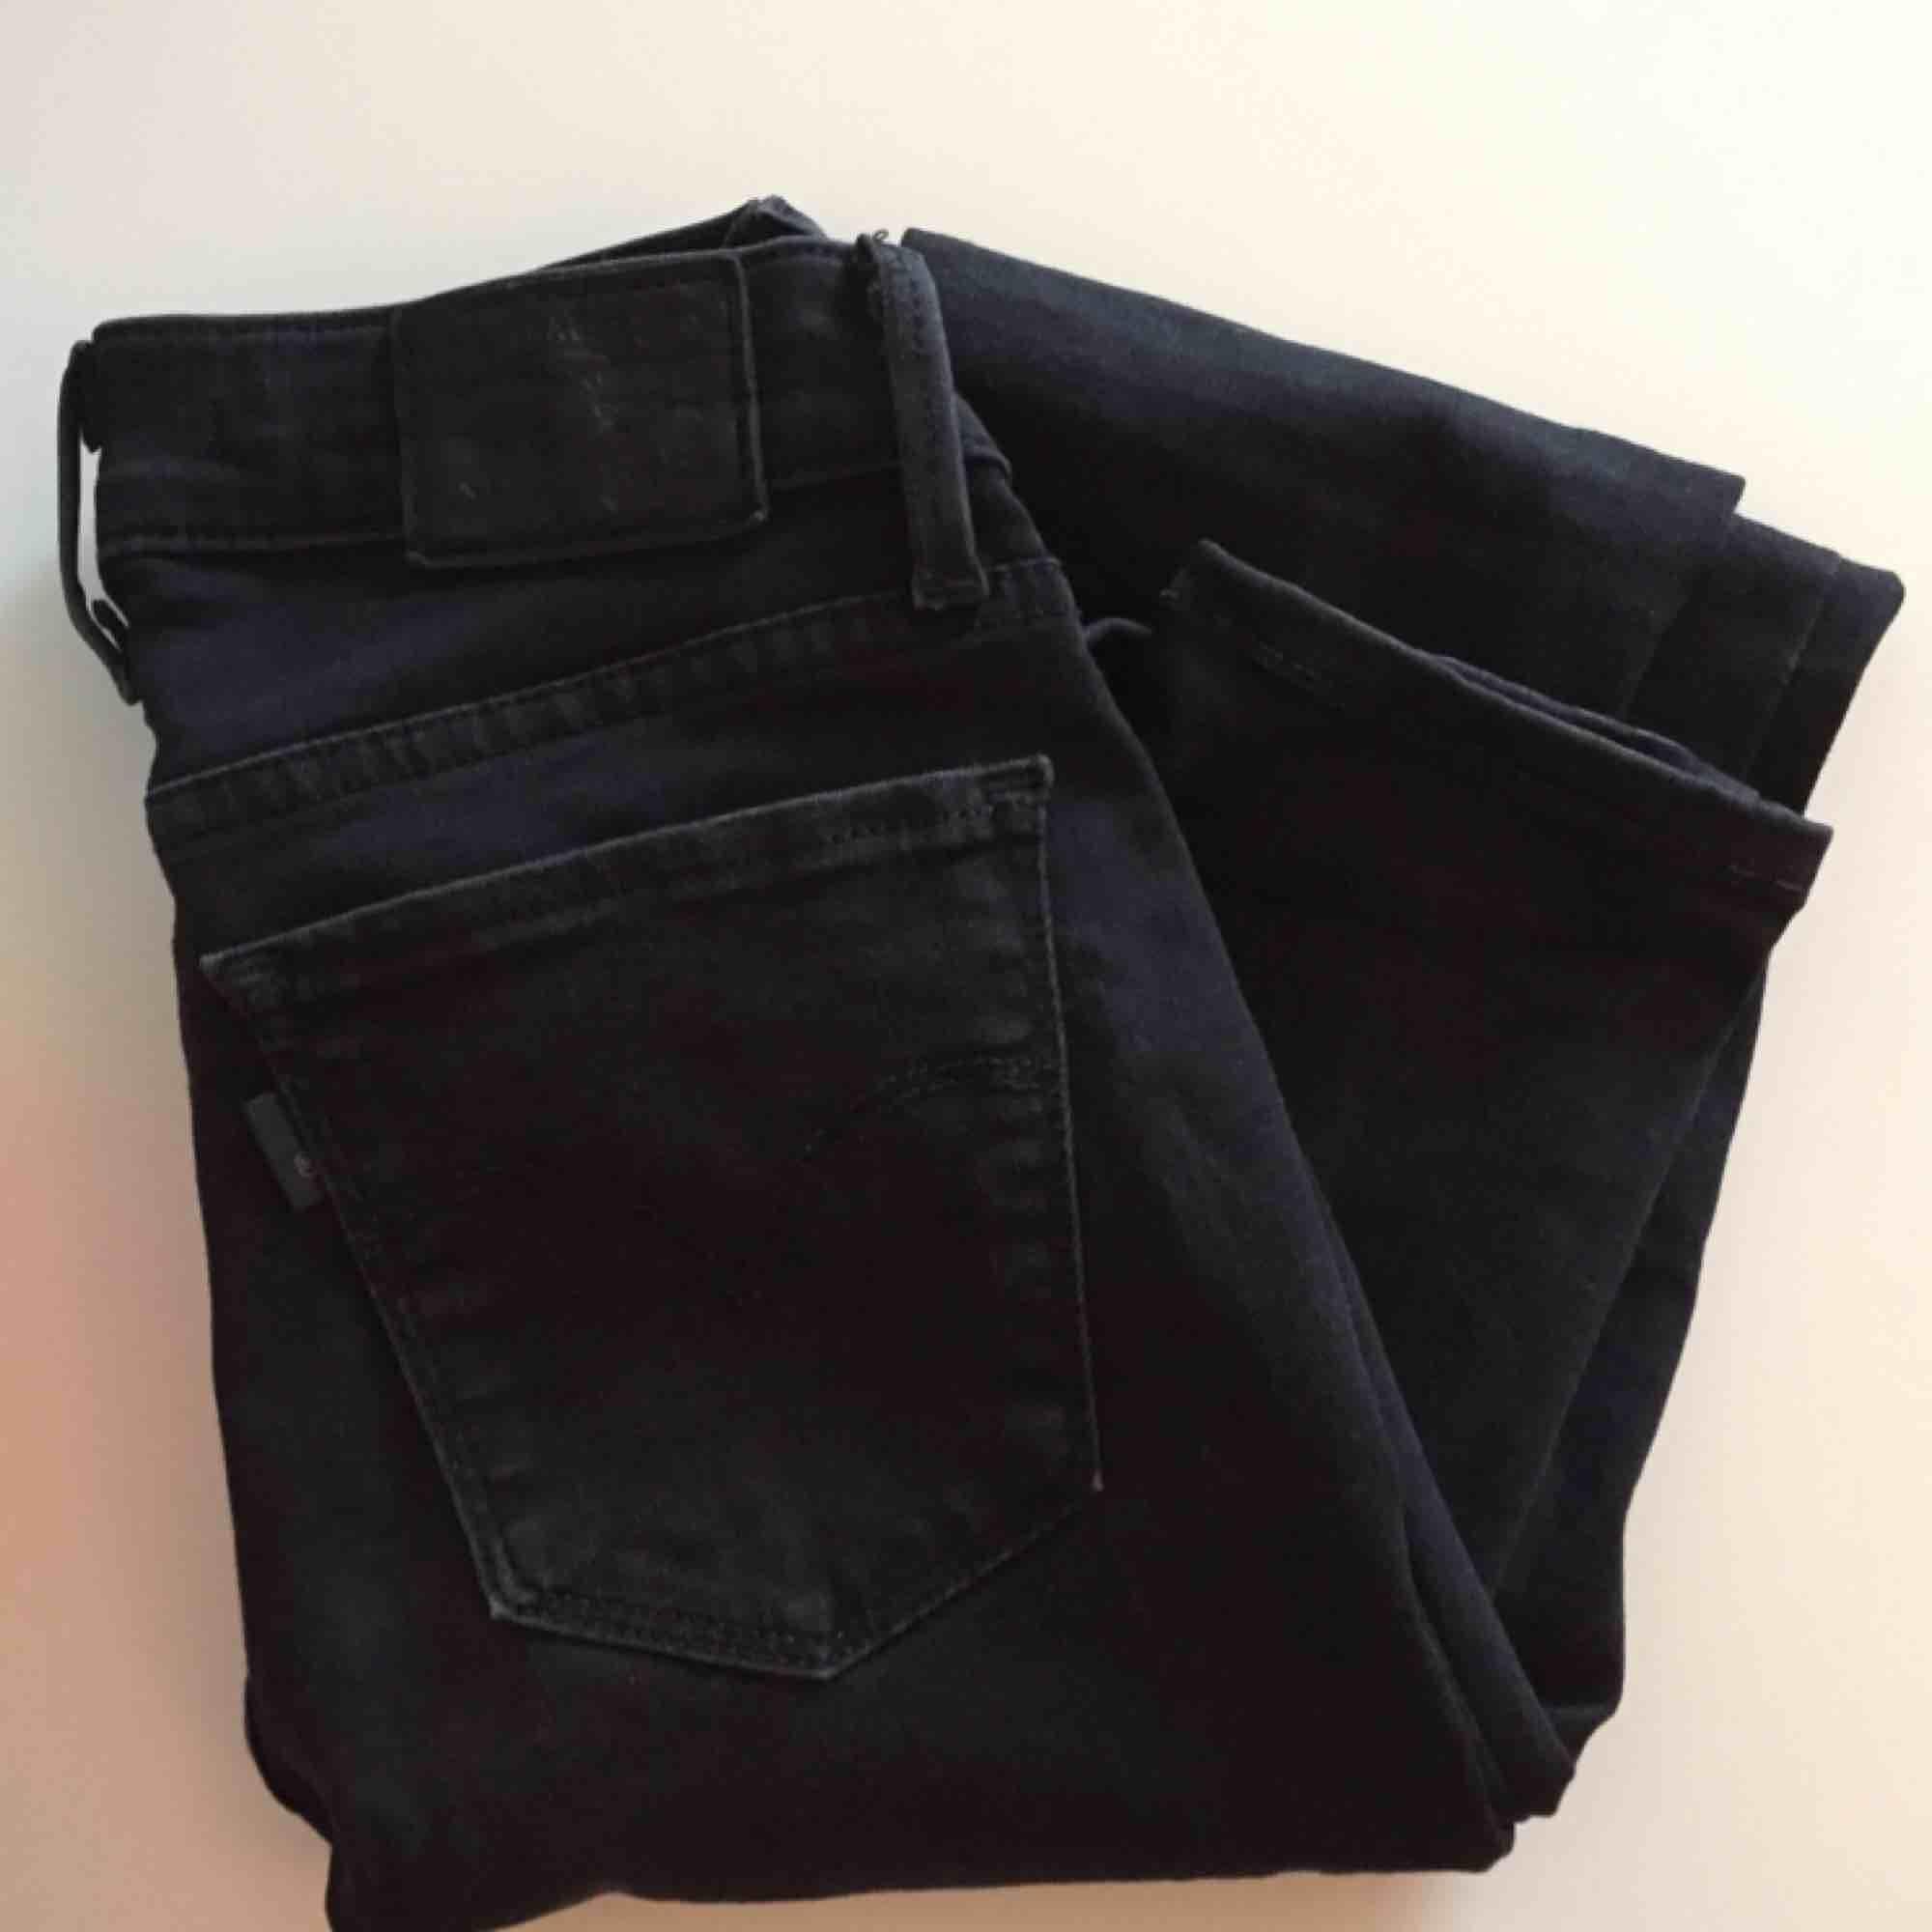 Svartgråa jeans från Levis, modell superskinny 710:or storlek 25. Köpt secondhand, säljer pga för små 💔 📬 Frakt: 55 kr eller 63 kr spårbart. Jeans & Byxor.